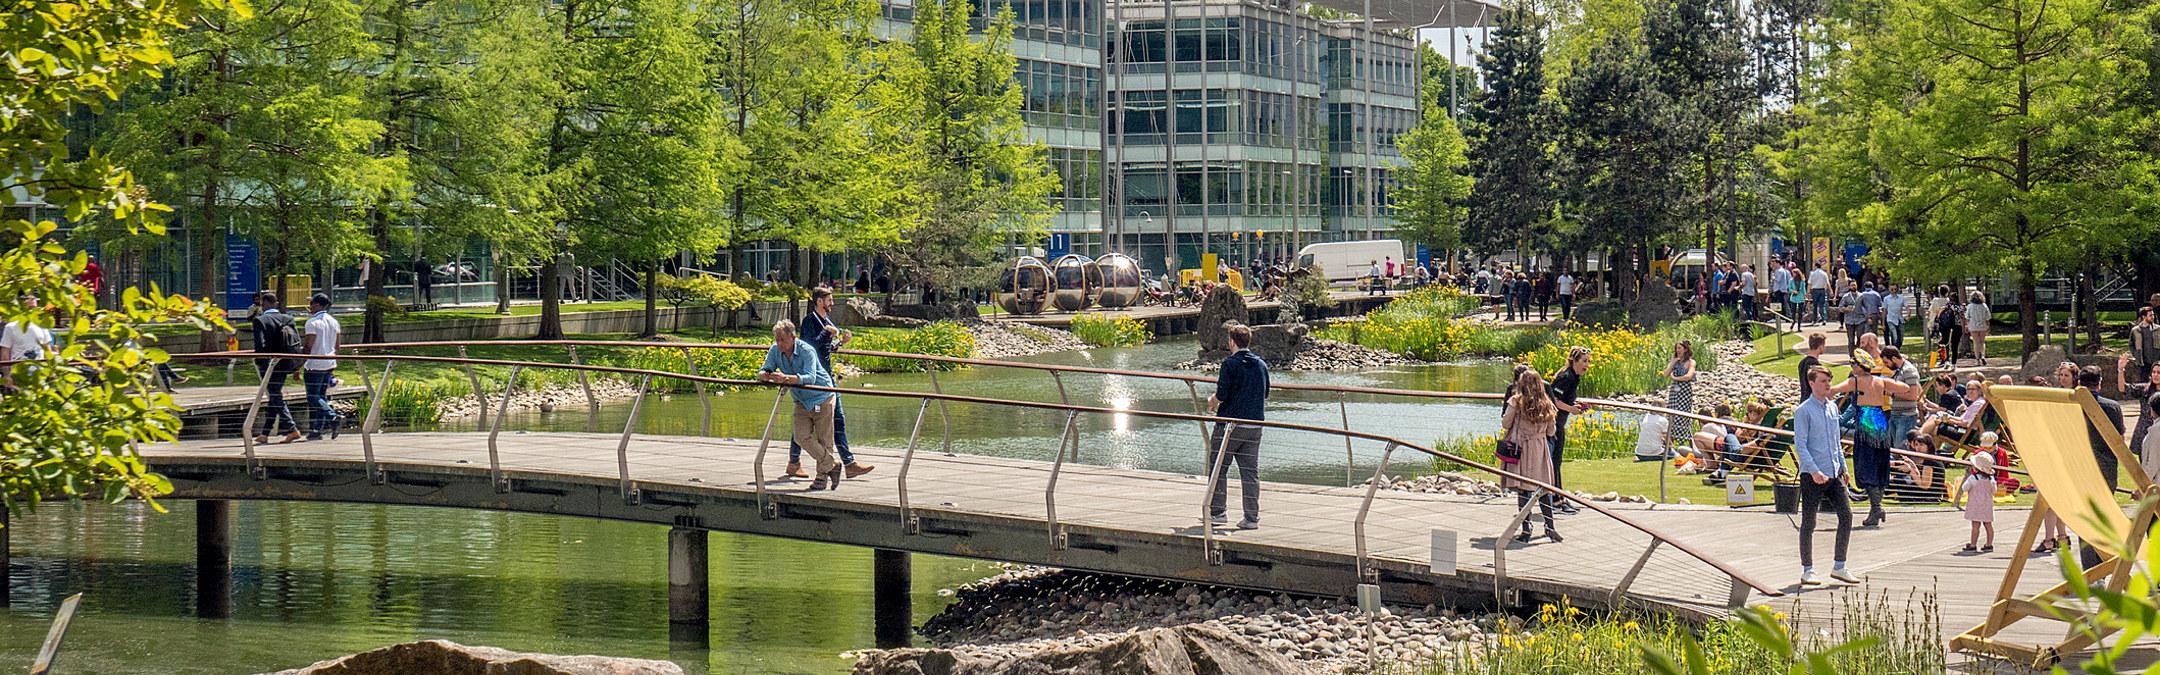 Grønn bypark med mennesker i Chiswick, London